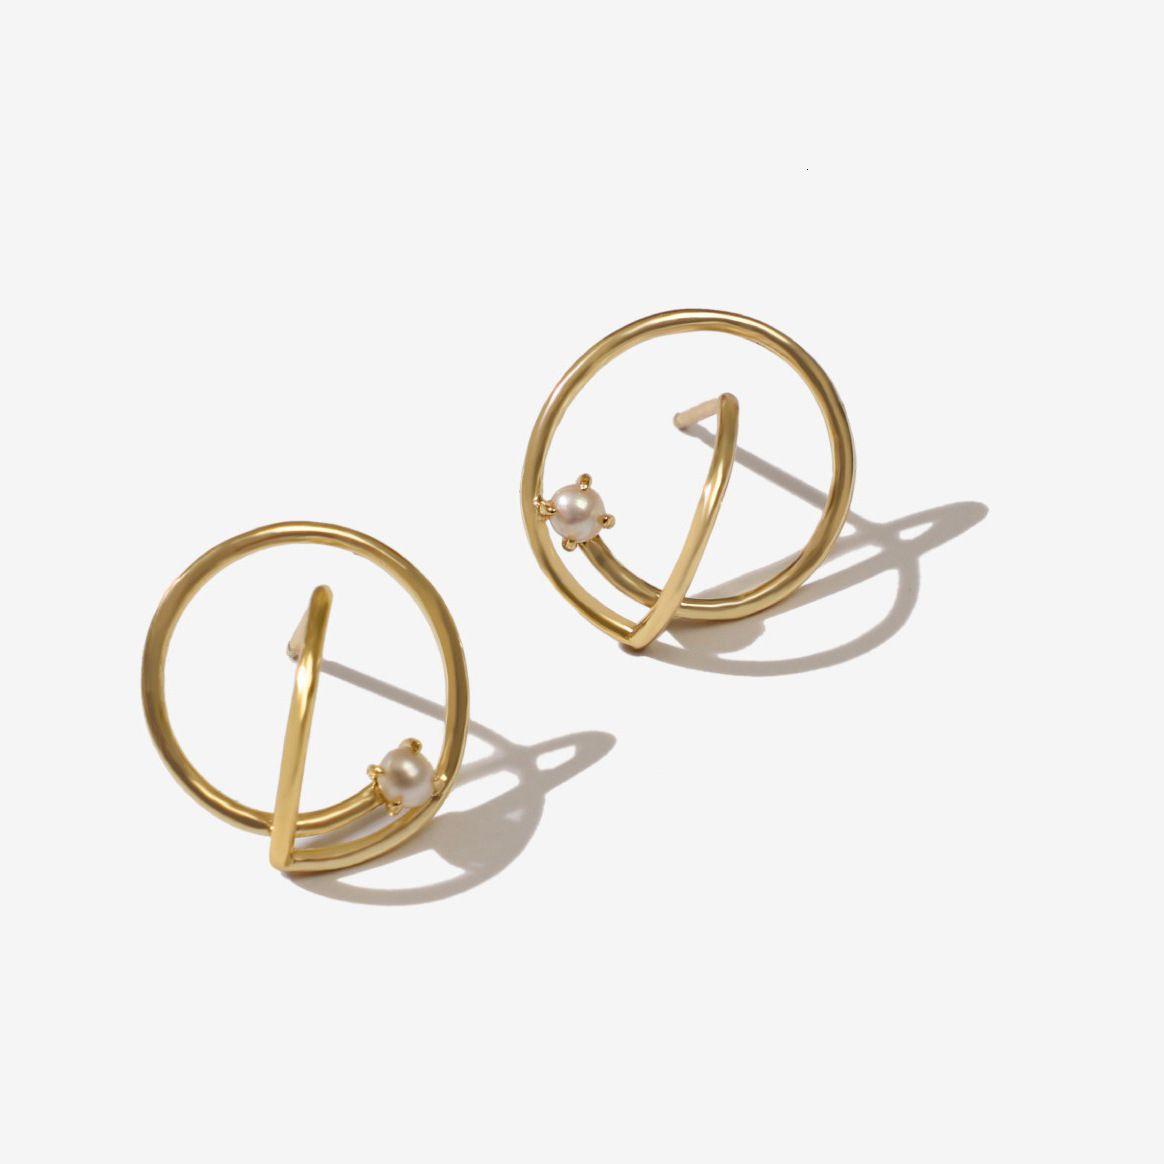 Uilz Fashion Niche Simple Design Géométrique Boucles d'oreilles perles en laiton plaqué or